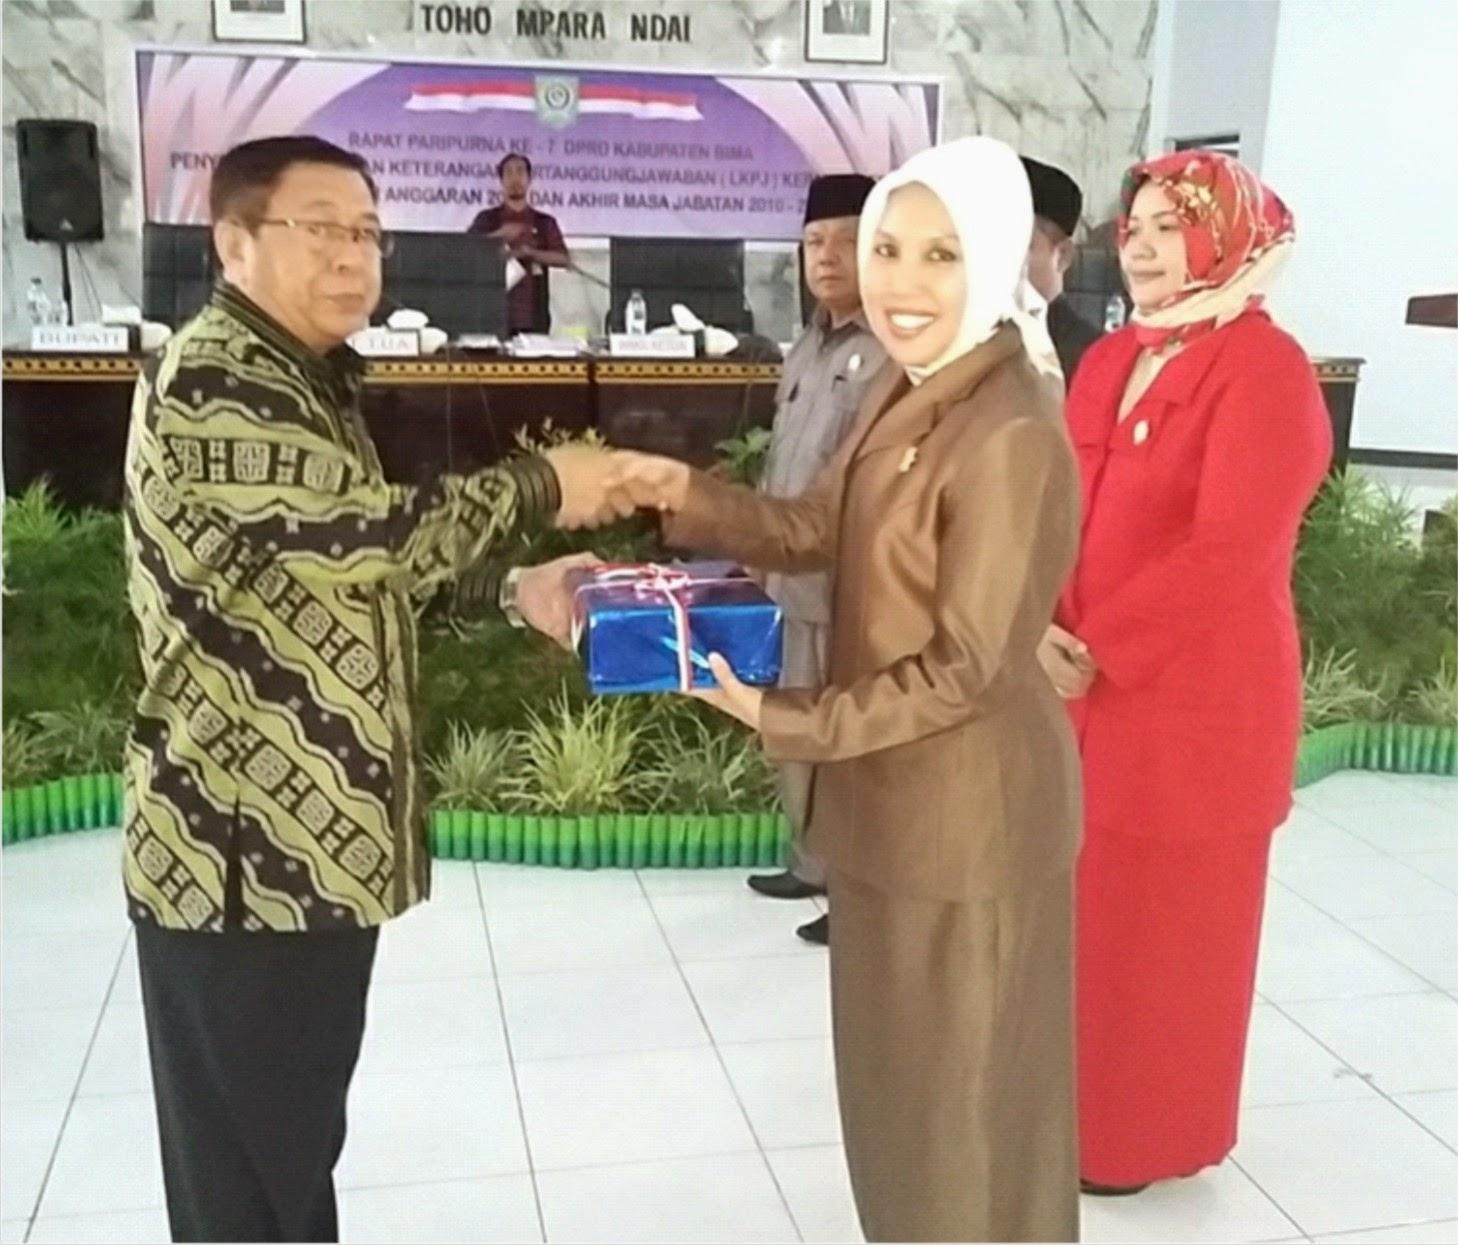 Bupati Syafru Sampaikan LKPJ Akhir  Tahun Anggaran dan Akhir Masa Jabatan